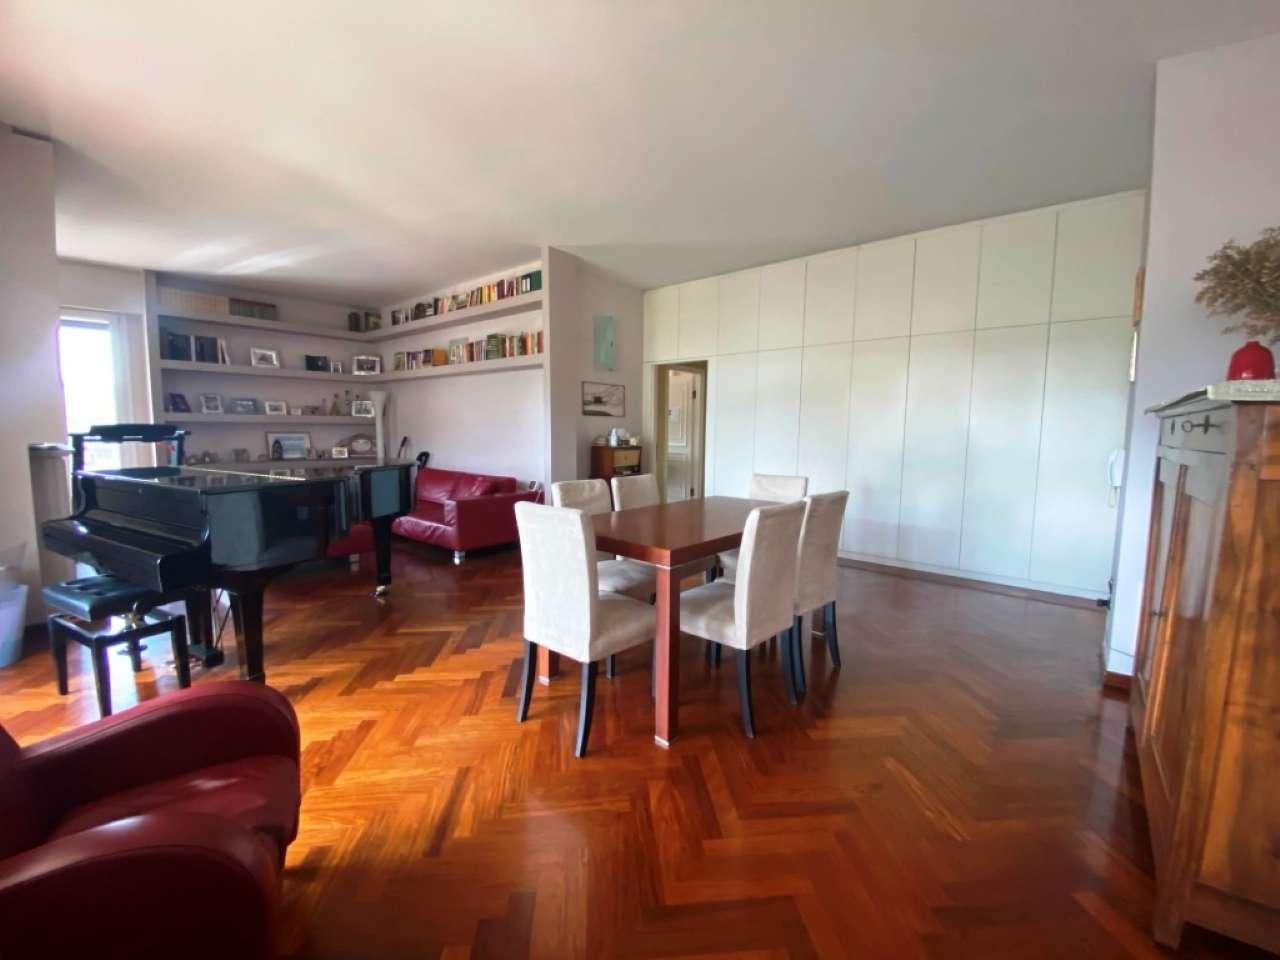 Attico / Mansarda in vendita a Sasso Marconi, 6 locali, prezzo € 545.000   PortaleAgenzieImmobiliari.it